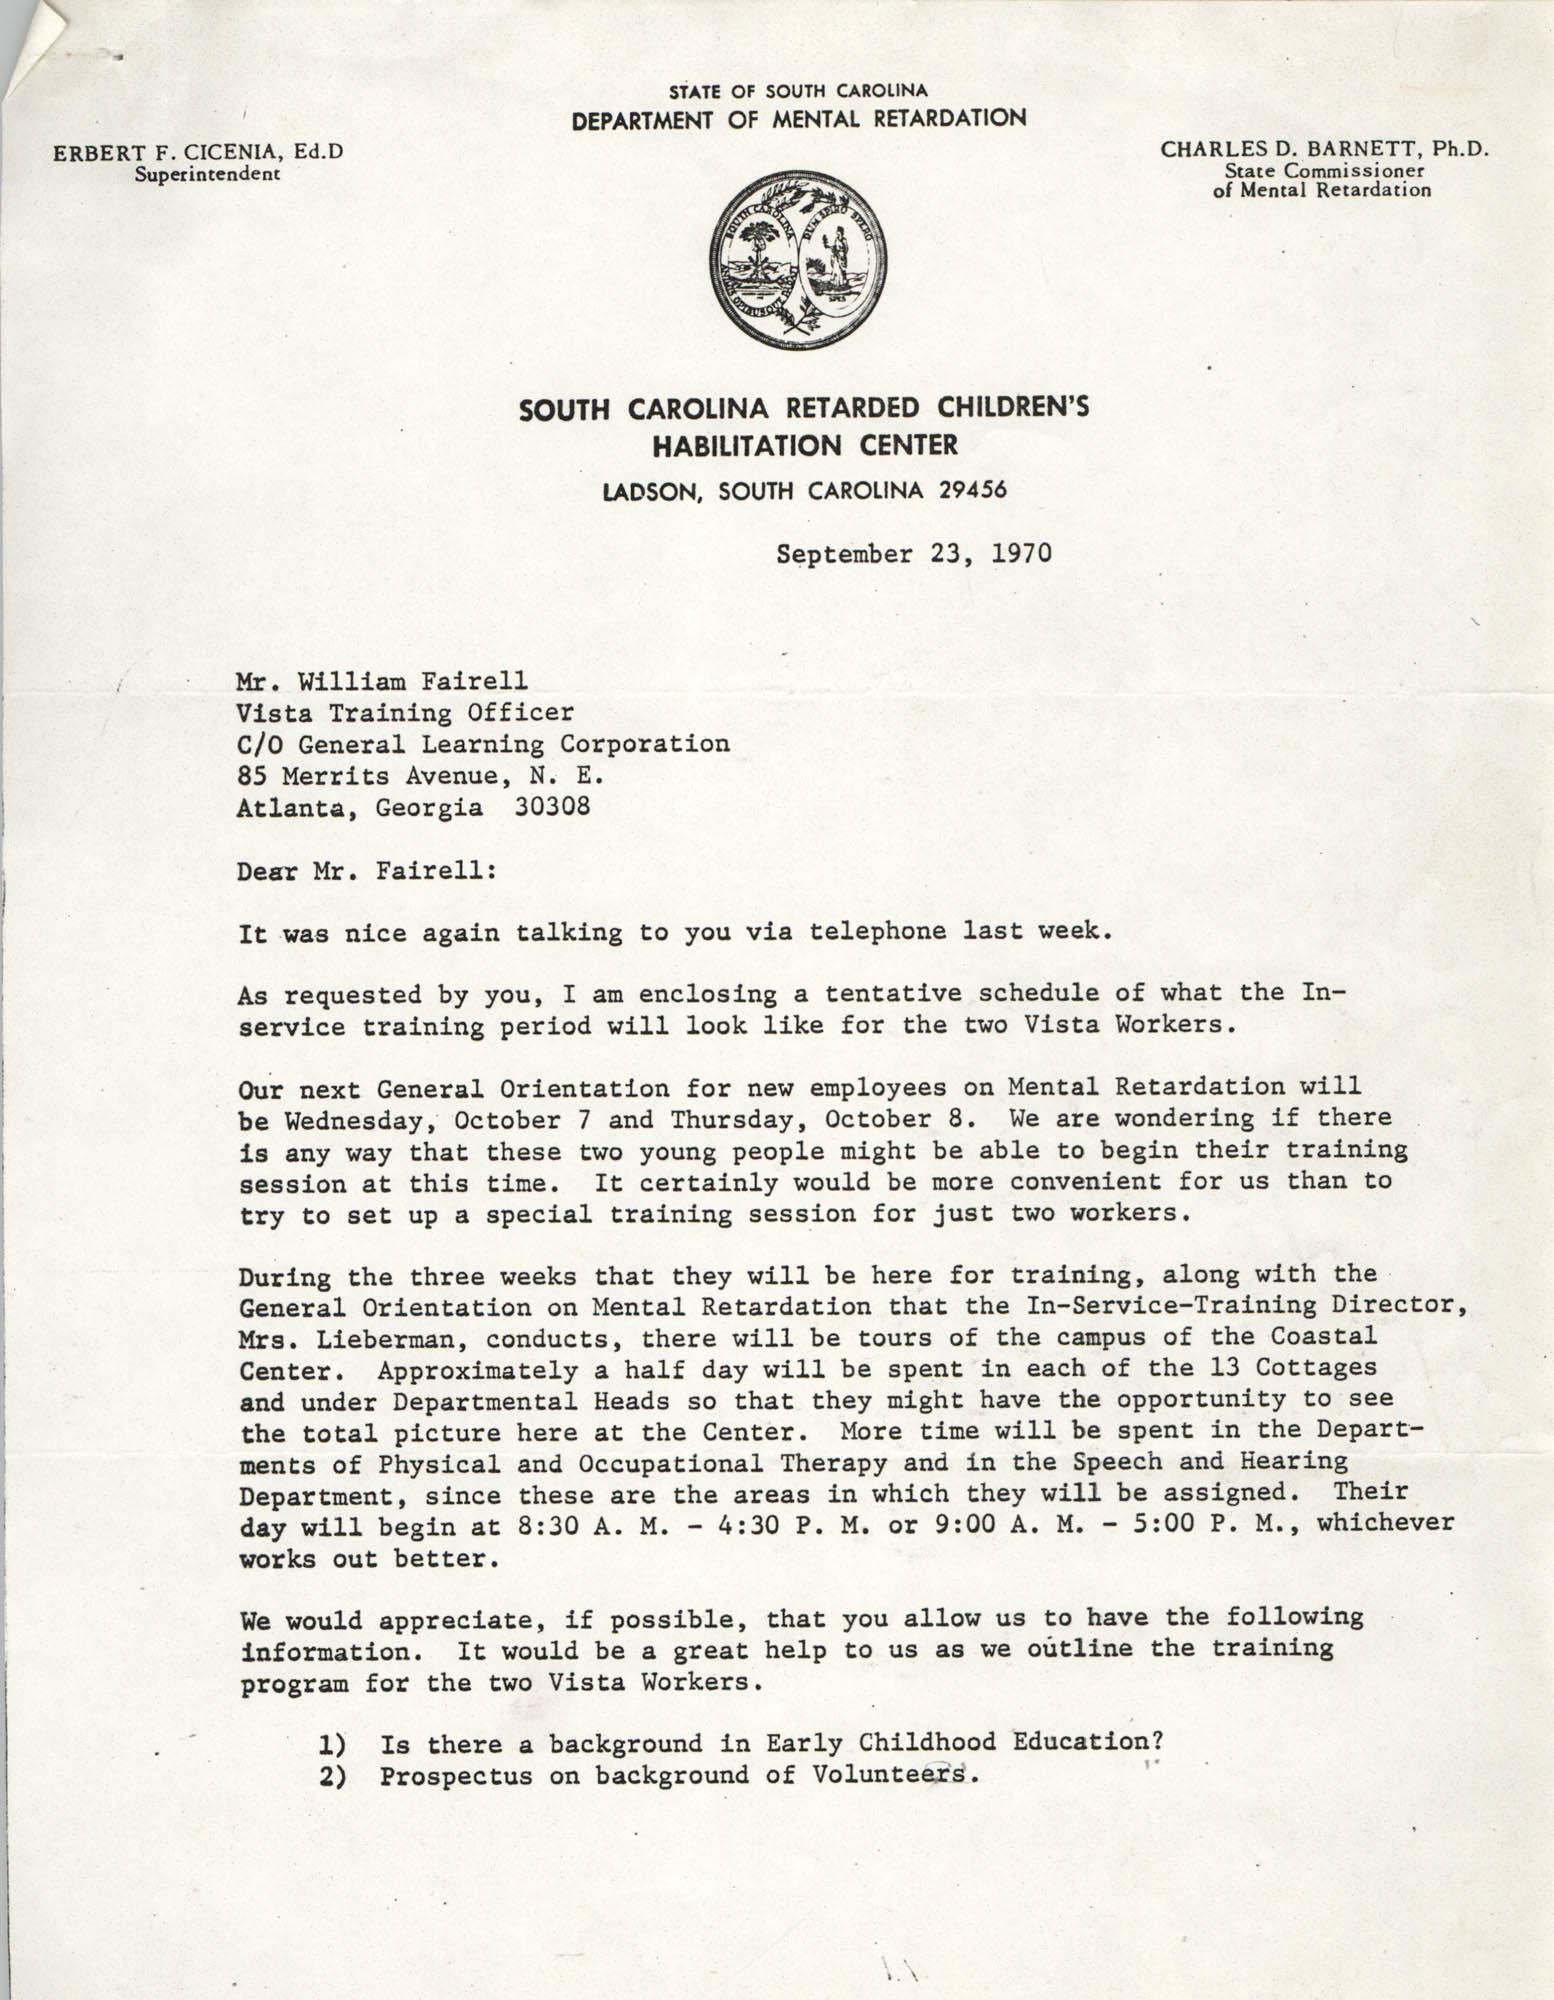 Letter from Johnette Green Edwards to William Fairell, September 23, 1970